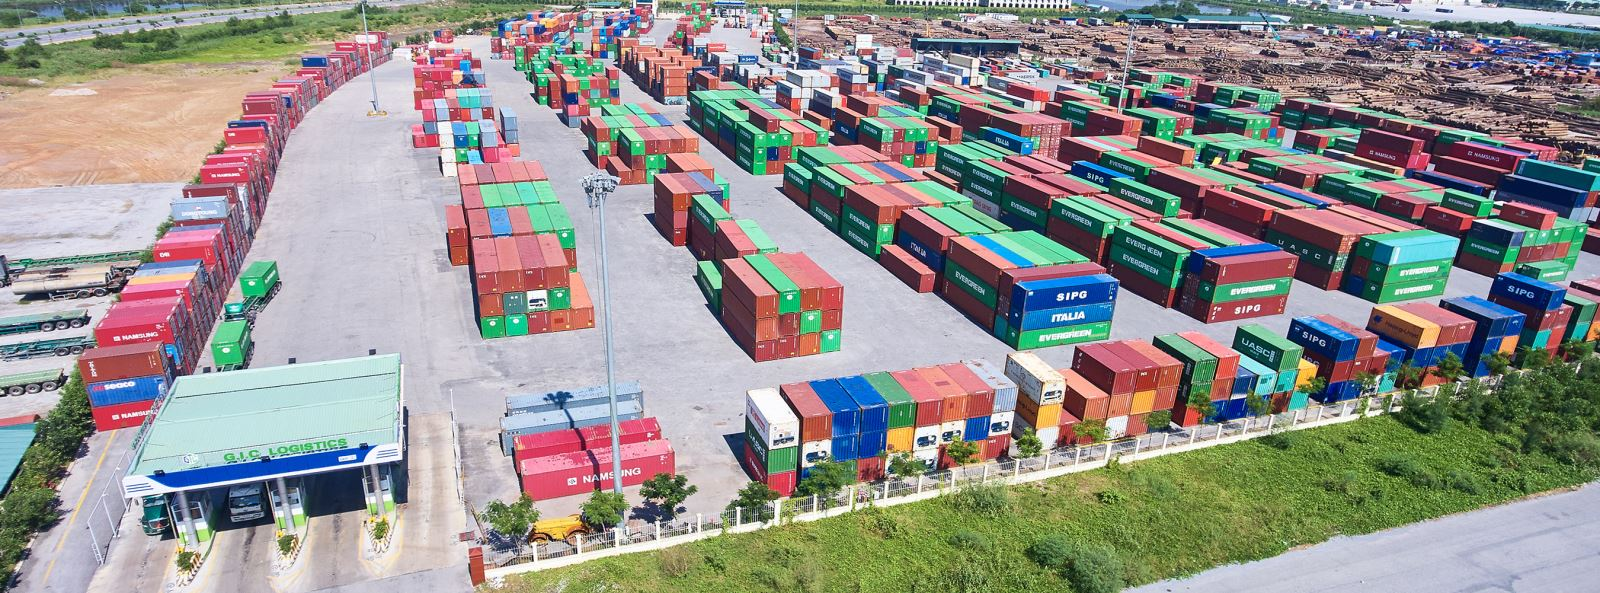 Dịch vụ vận chuyển hàng xuất nhập bằng đường biển đi Thái Lan